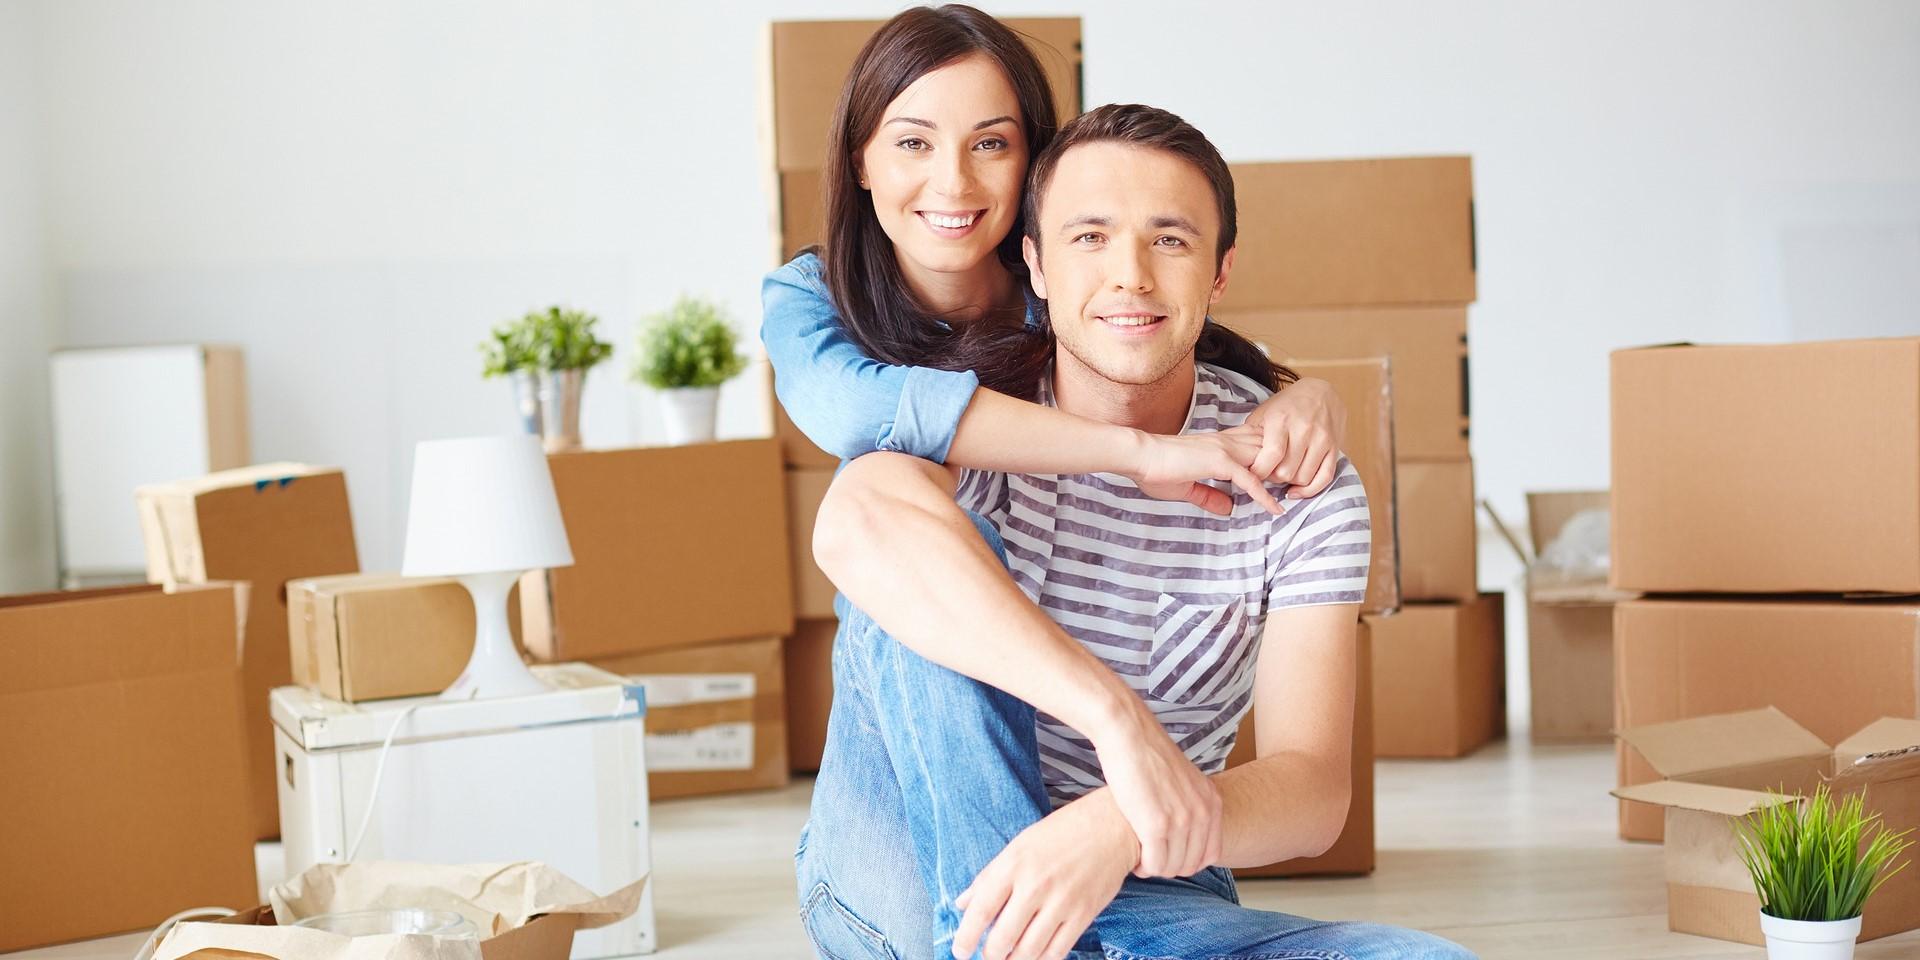 Mutui under 36: Grandi novità per l'acquisto della prima casa